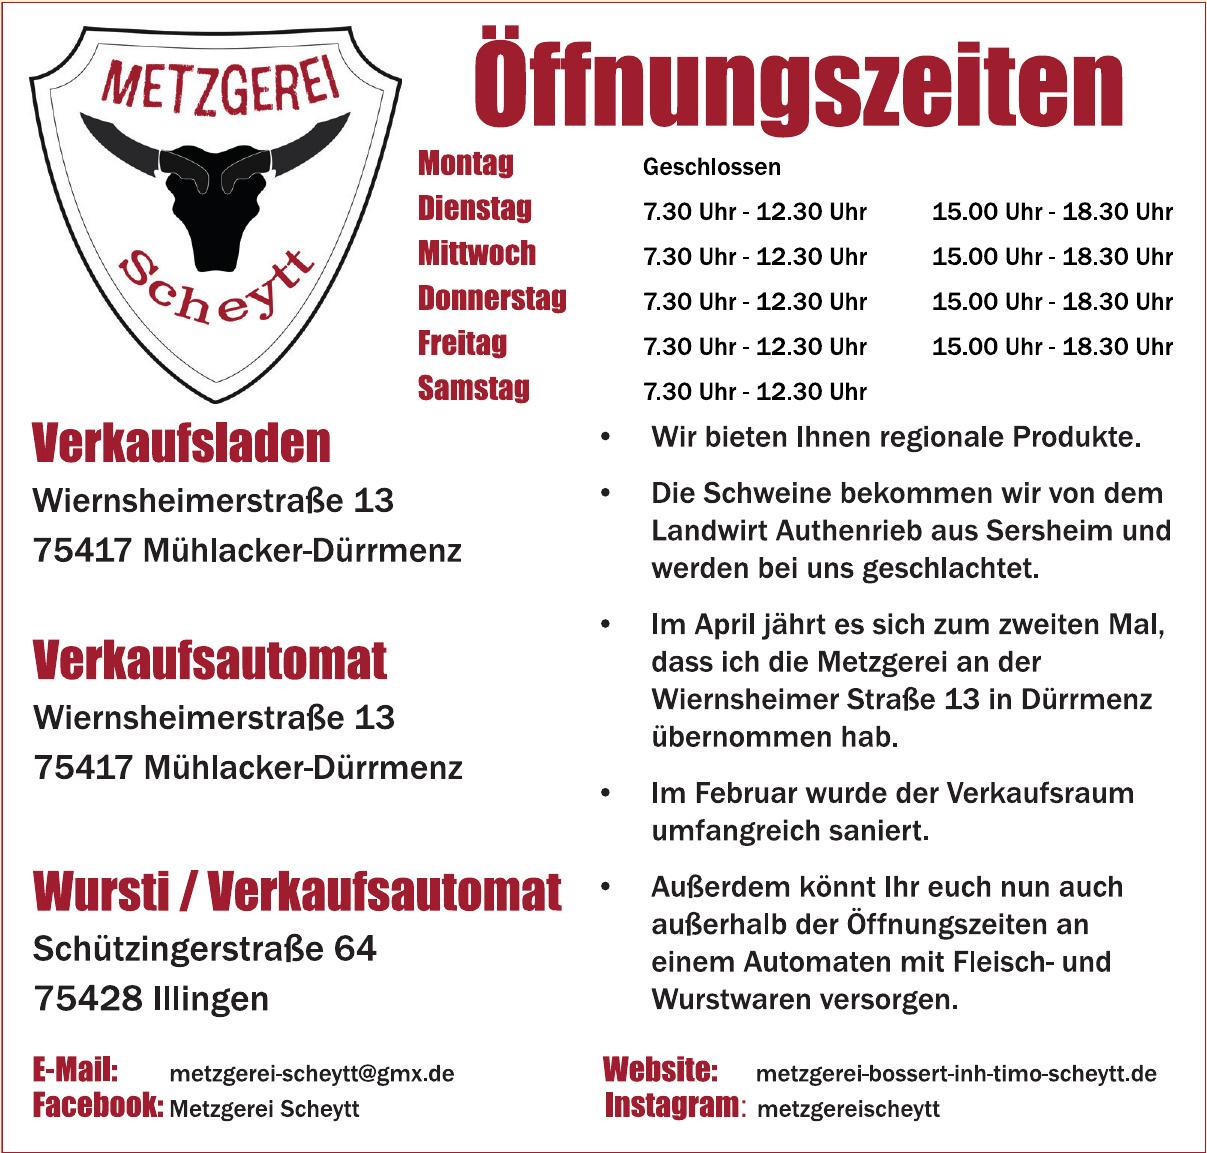 Metzgerei Scheytt